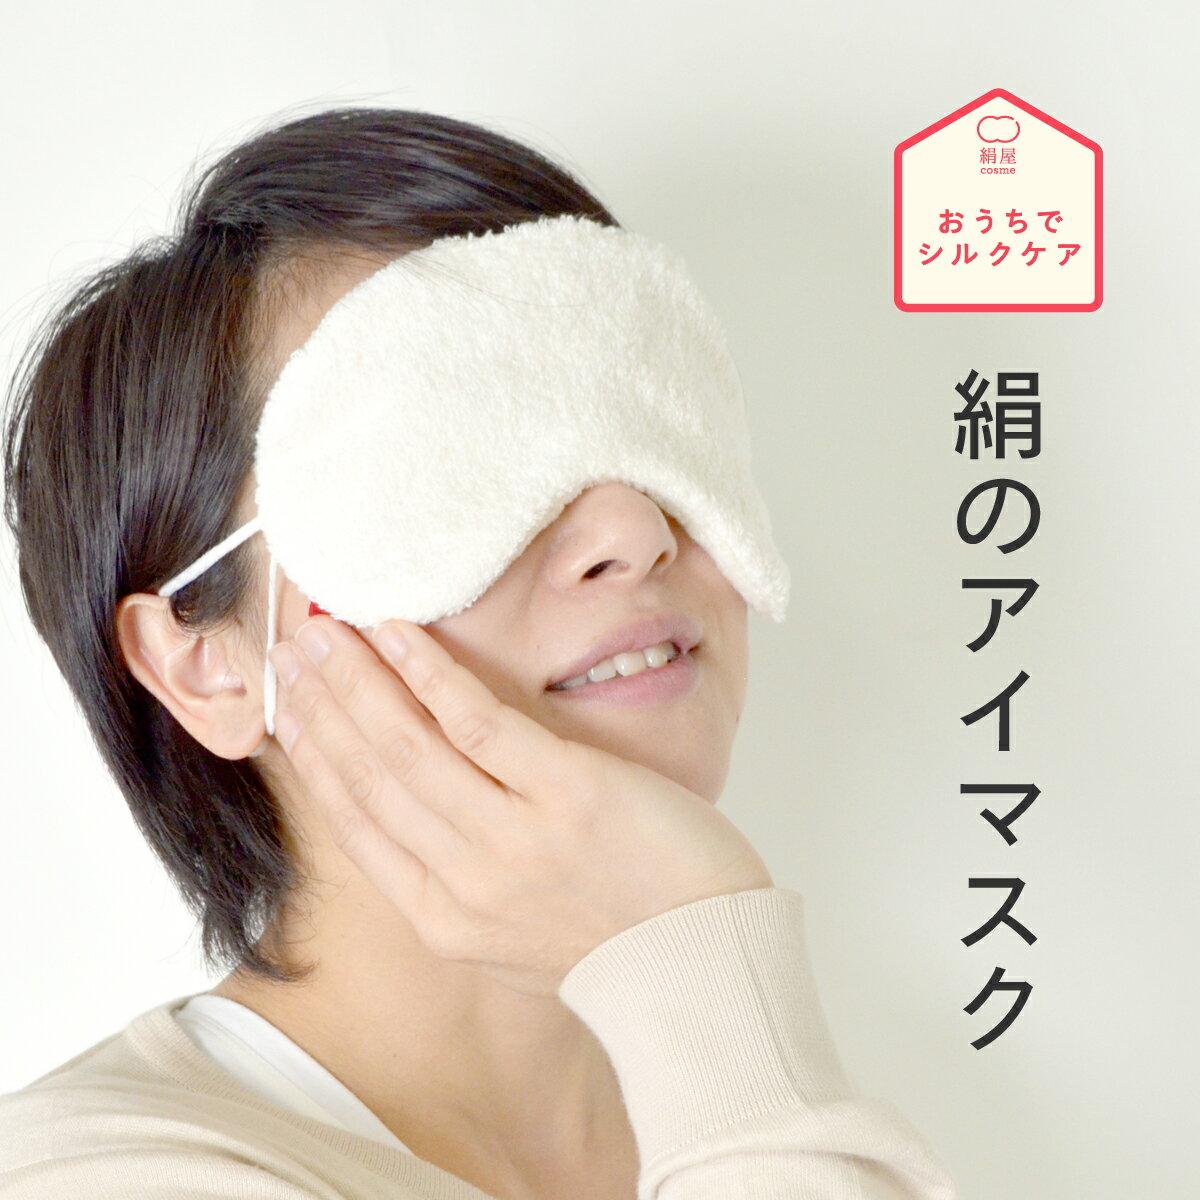 【絹の屋】絹のアイマスク (4197) 絹屋 きぬや アイマスク シルク 絹 コットン 綿 ユニセックス 女性 男性 レディース メンズ 美容 コスメ 天然素材 日本製